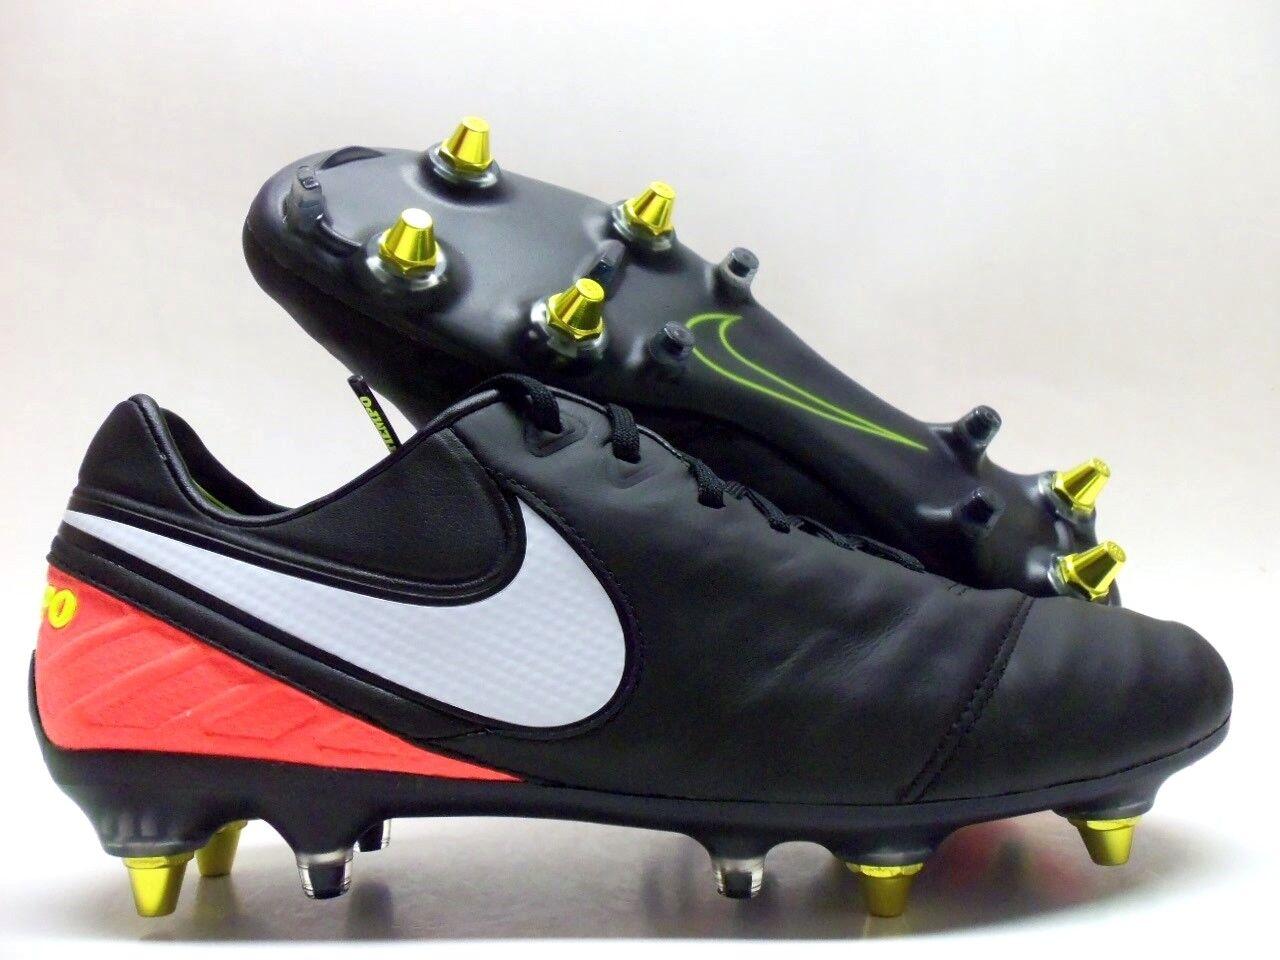 Nike tiempo fußball legende vi sg-pro ac fußball tiempo - fest, schwarze größe männer 8,5 [869483-018] 059942